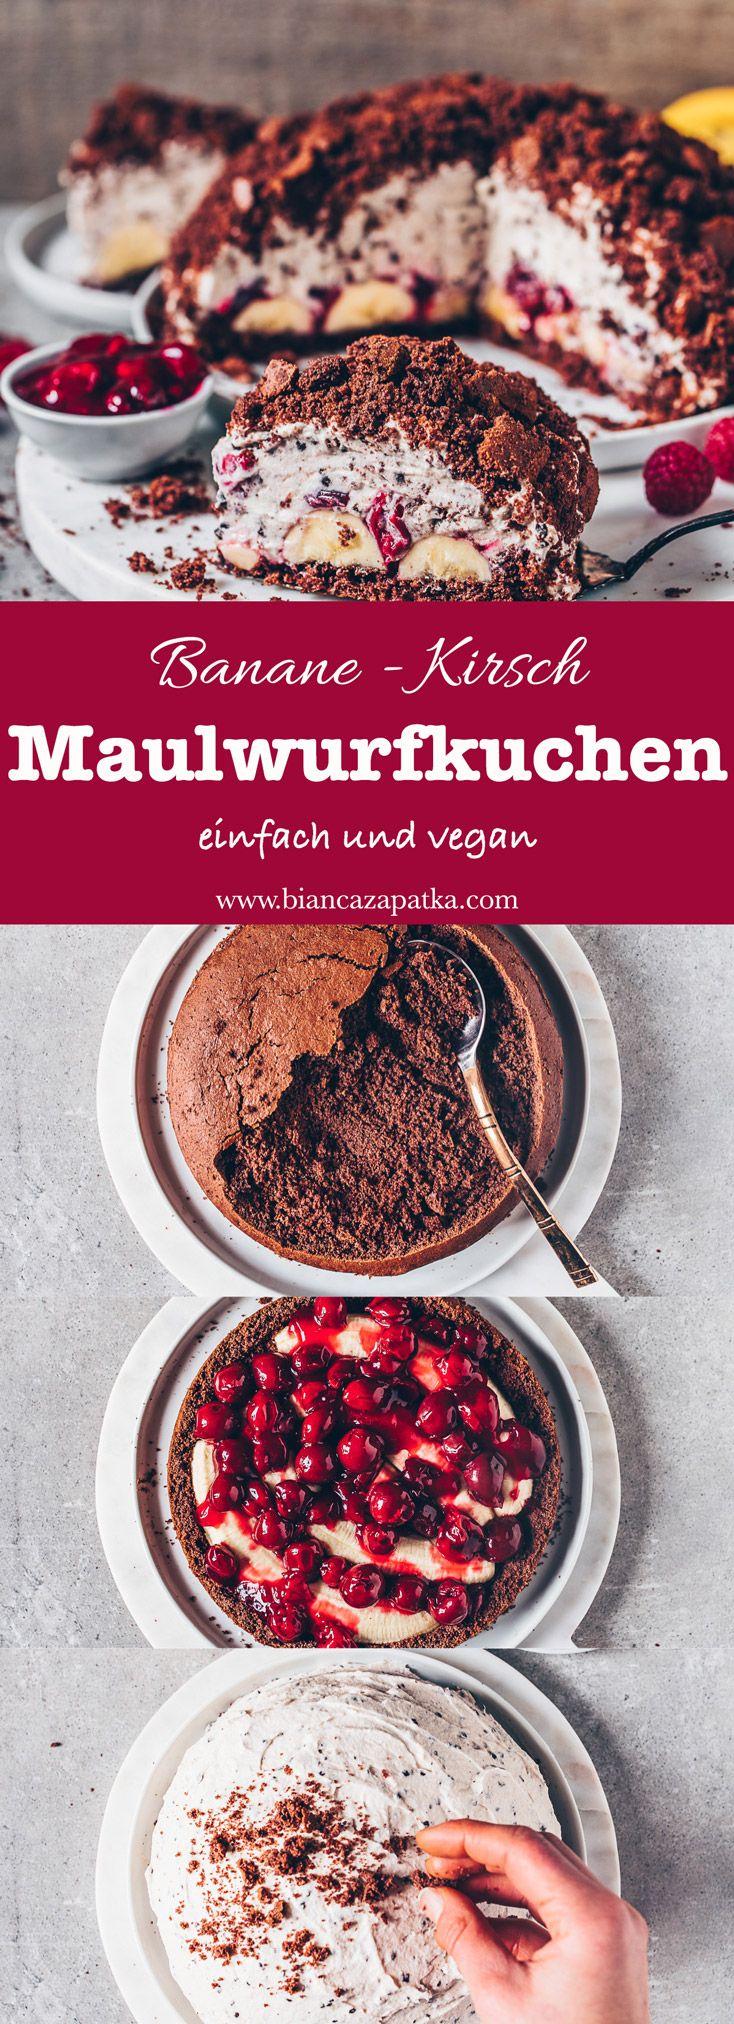 Photo of Maulwurfkuchen mit Banane und Kirschen (vegan) – Bianca Zapatka | Rezepte